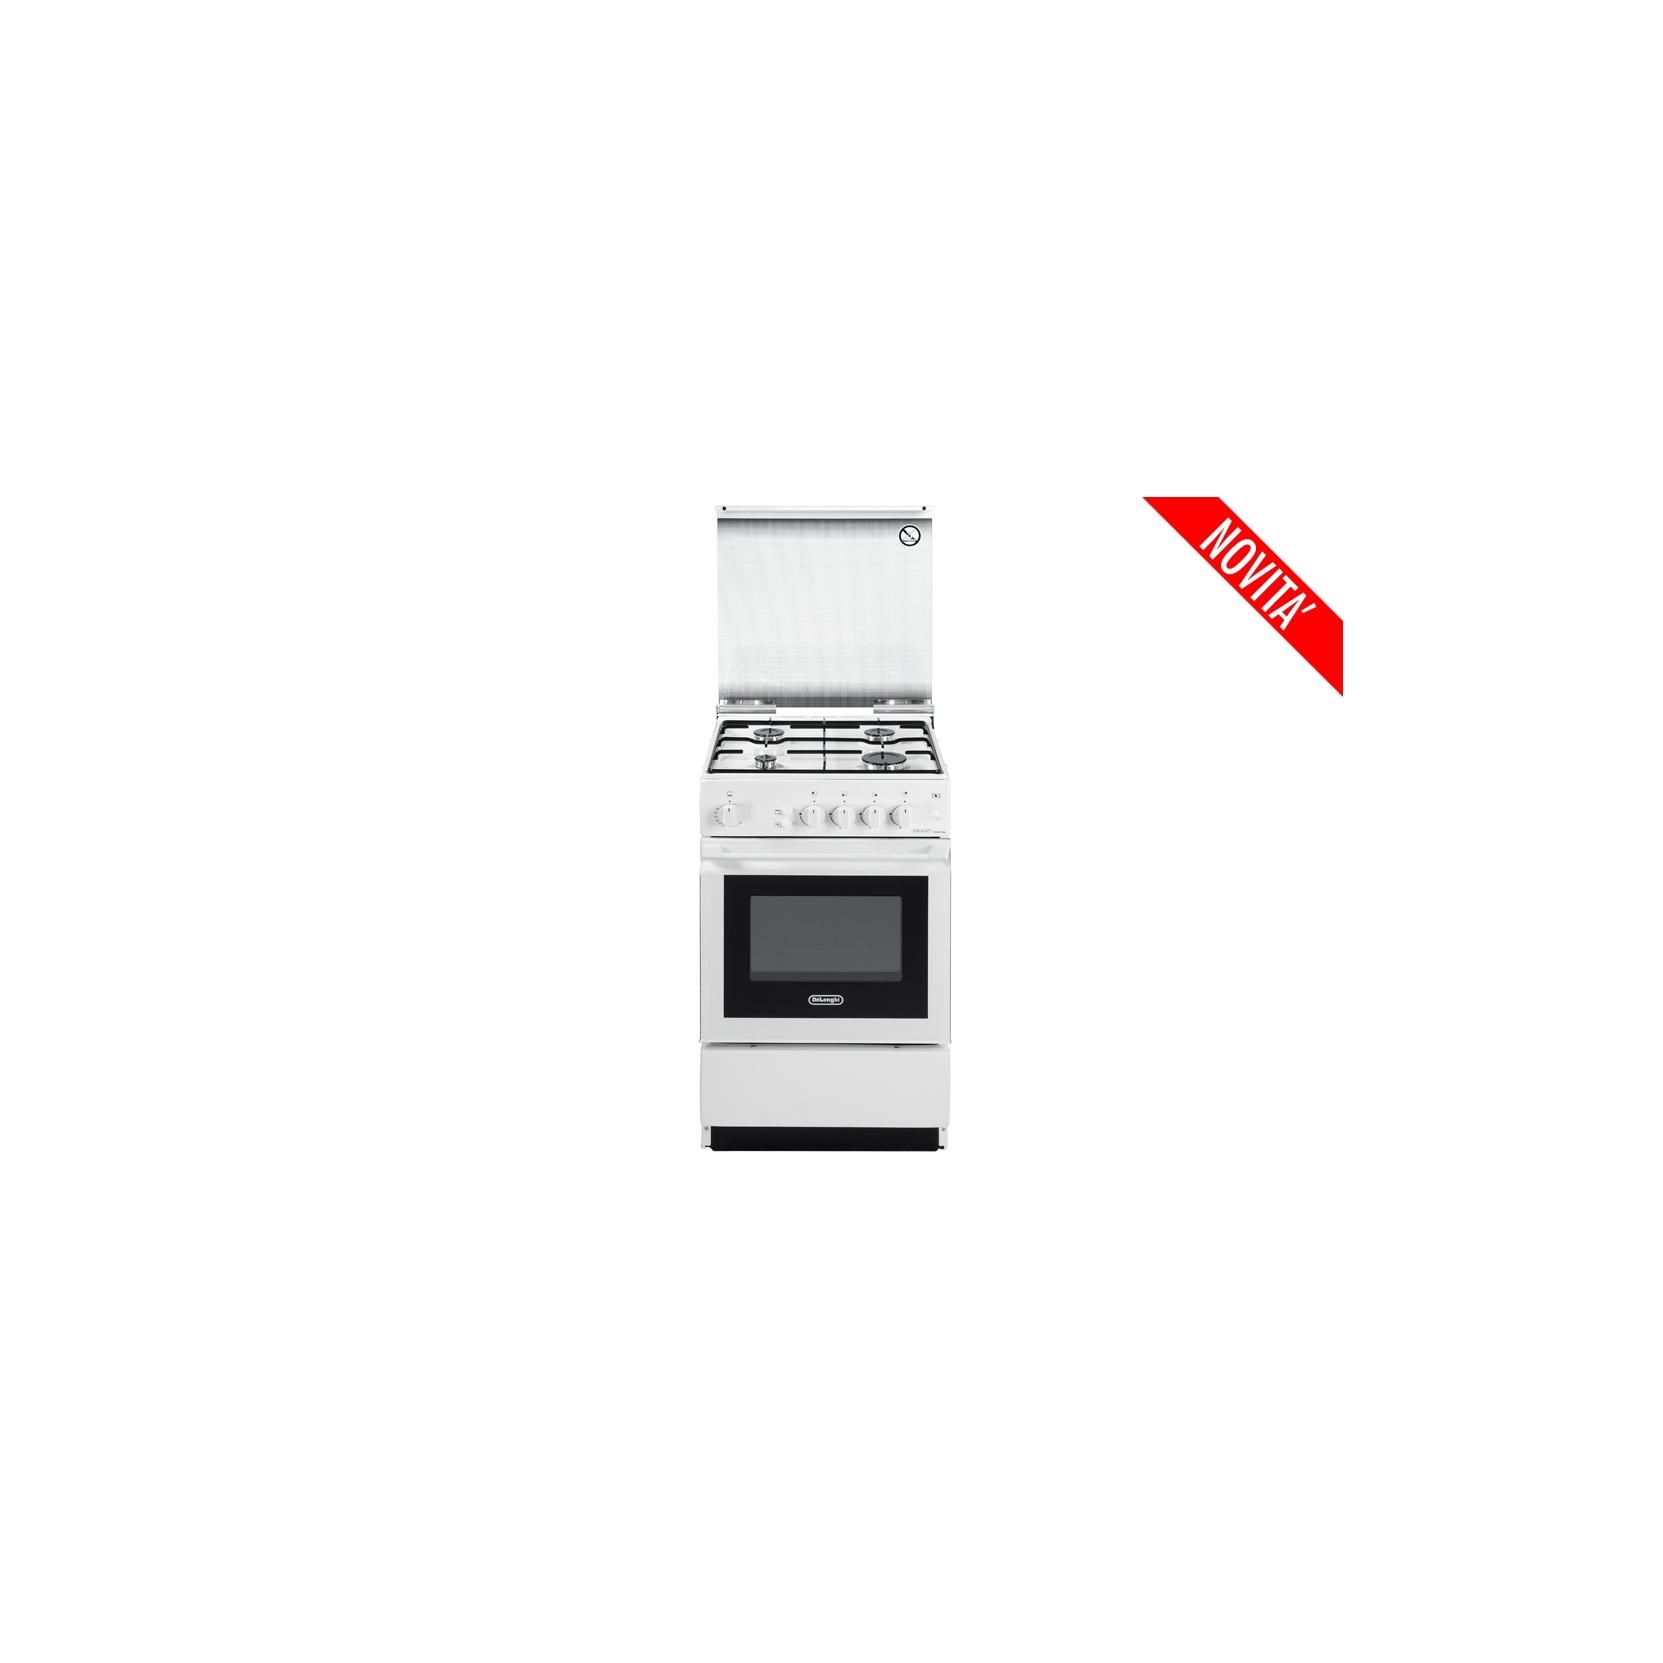 Cucina de longhi sggw554gbn 50x50 f gas grill elettrico bianca coperchio in cristallo - Cucina elettrica de longhi ...